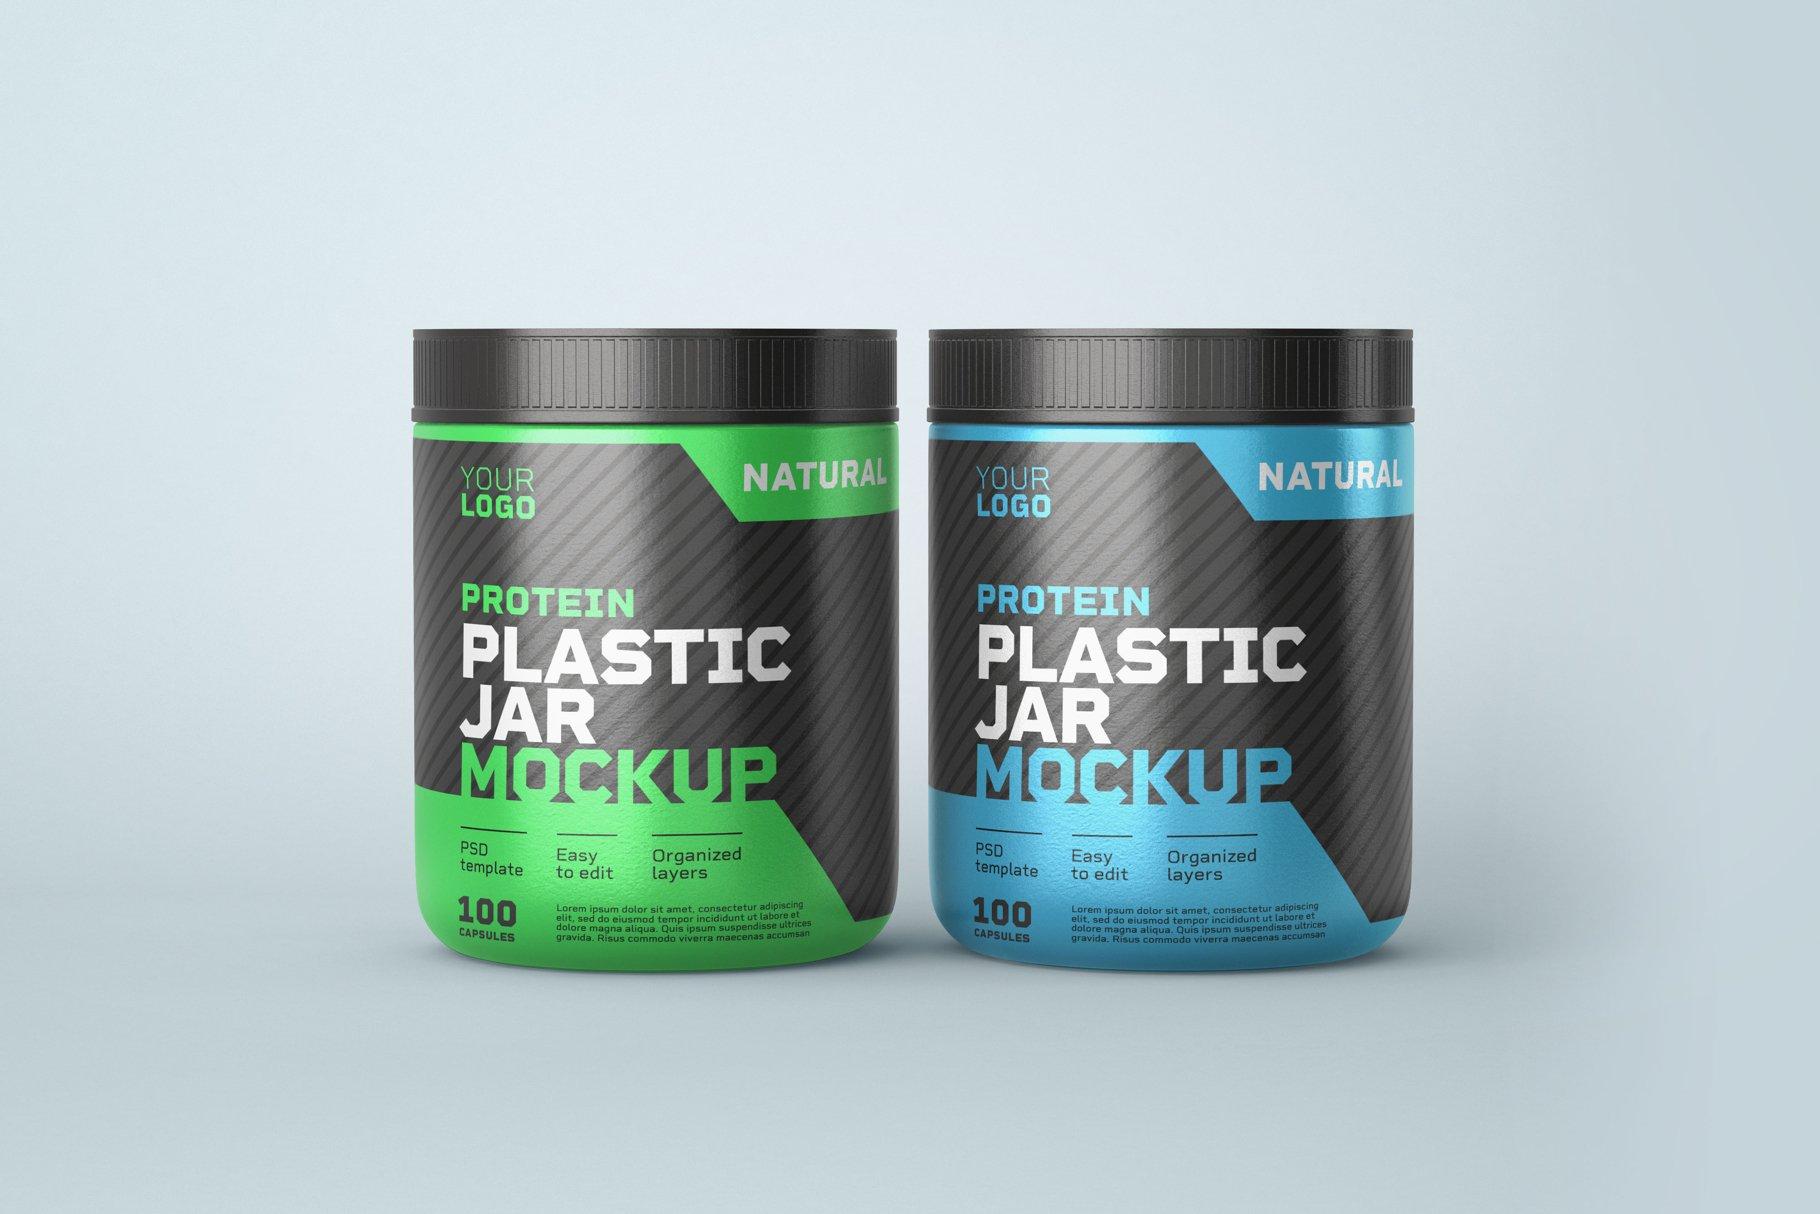 10款食物塑料罐标签设计展示样机模板 Food Supplement Plastic Jar Mockup插图(7)